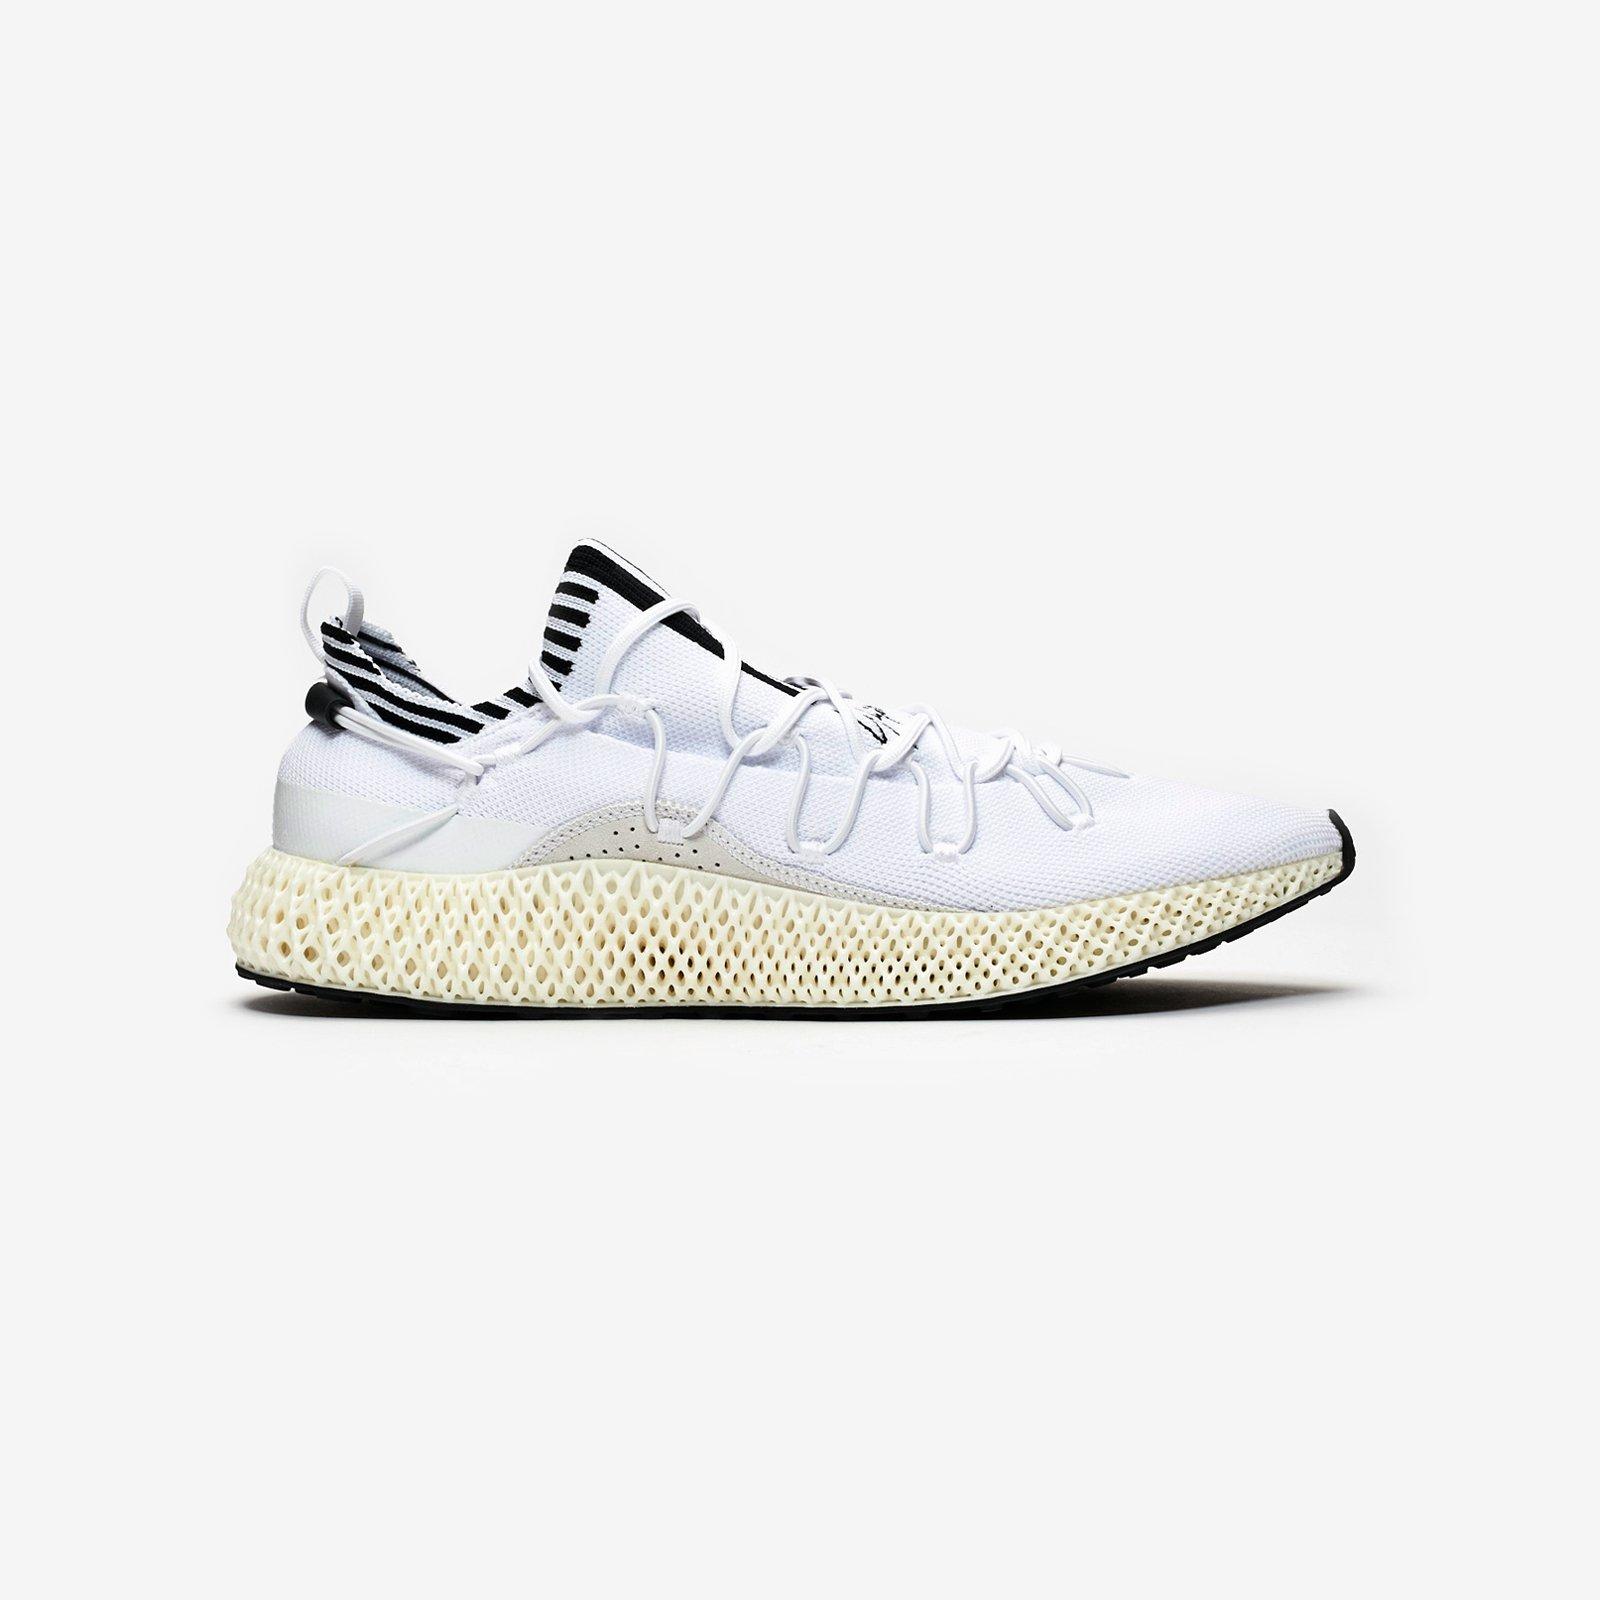 lowest price 4ae76 61d8d adidas Y-3 Y-3 Runner 4D II